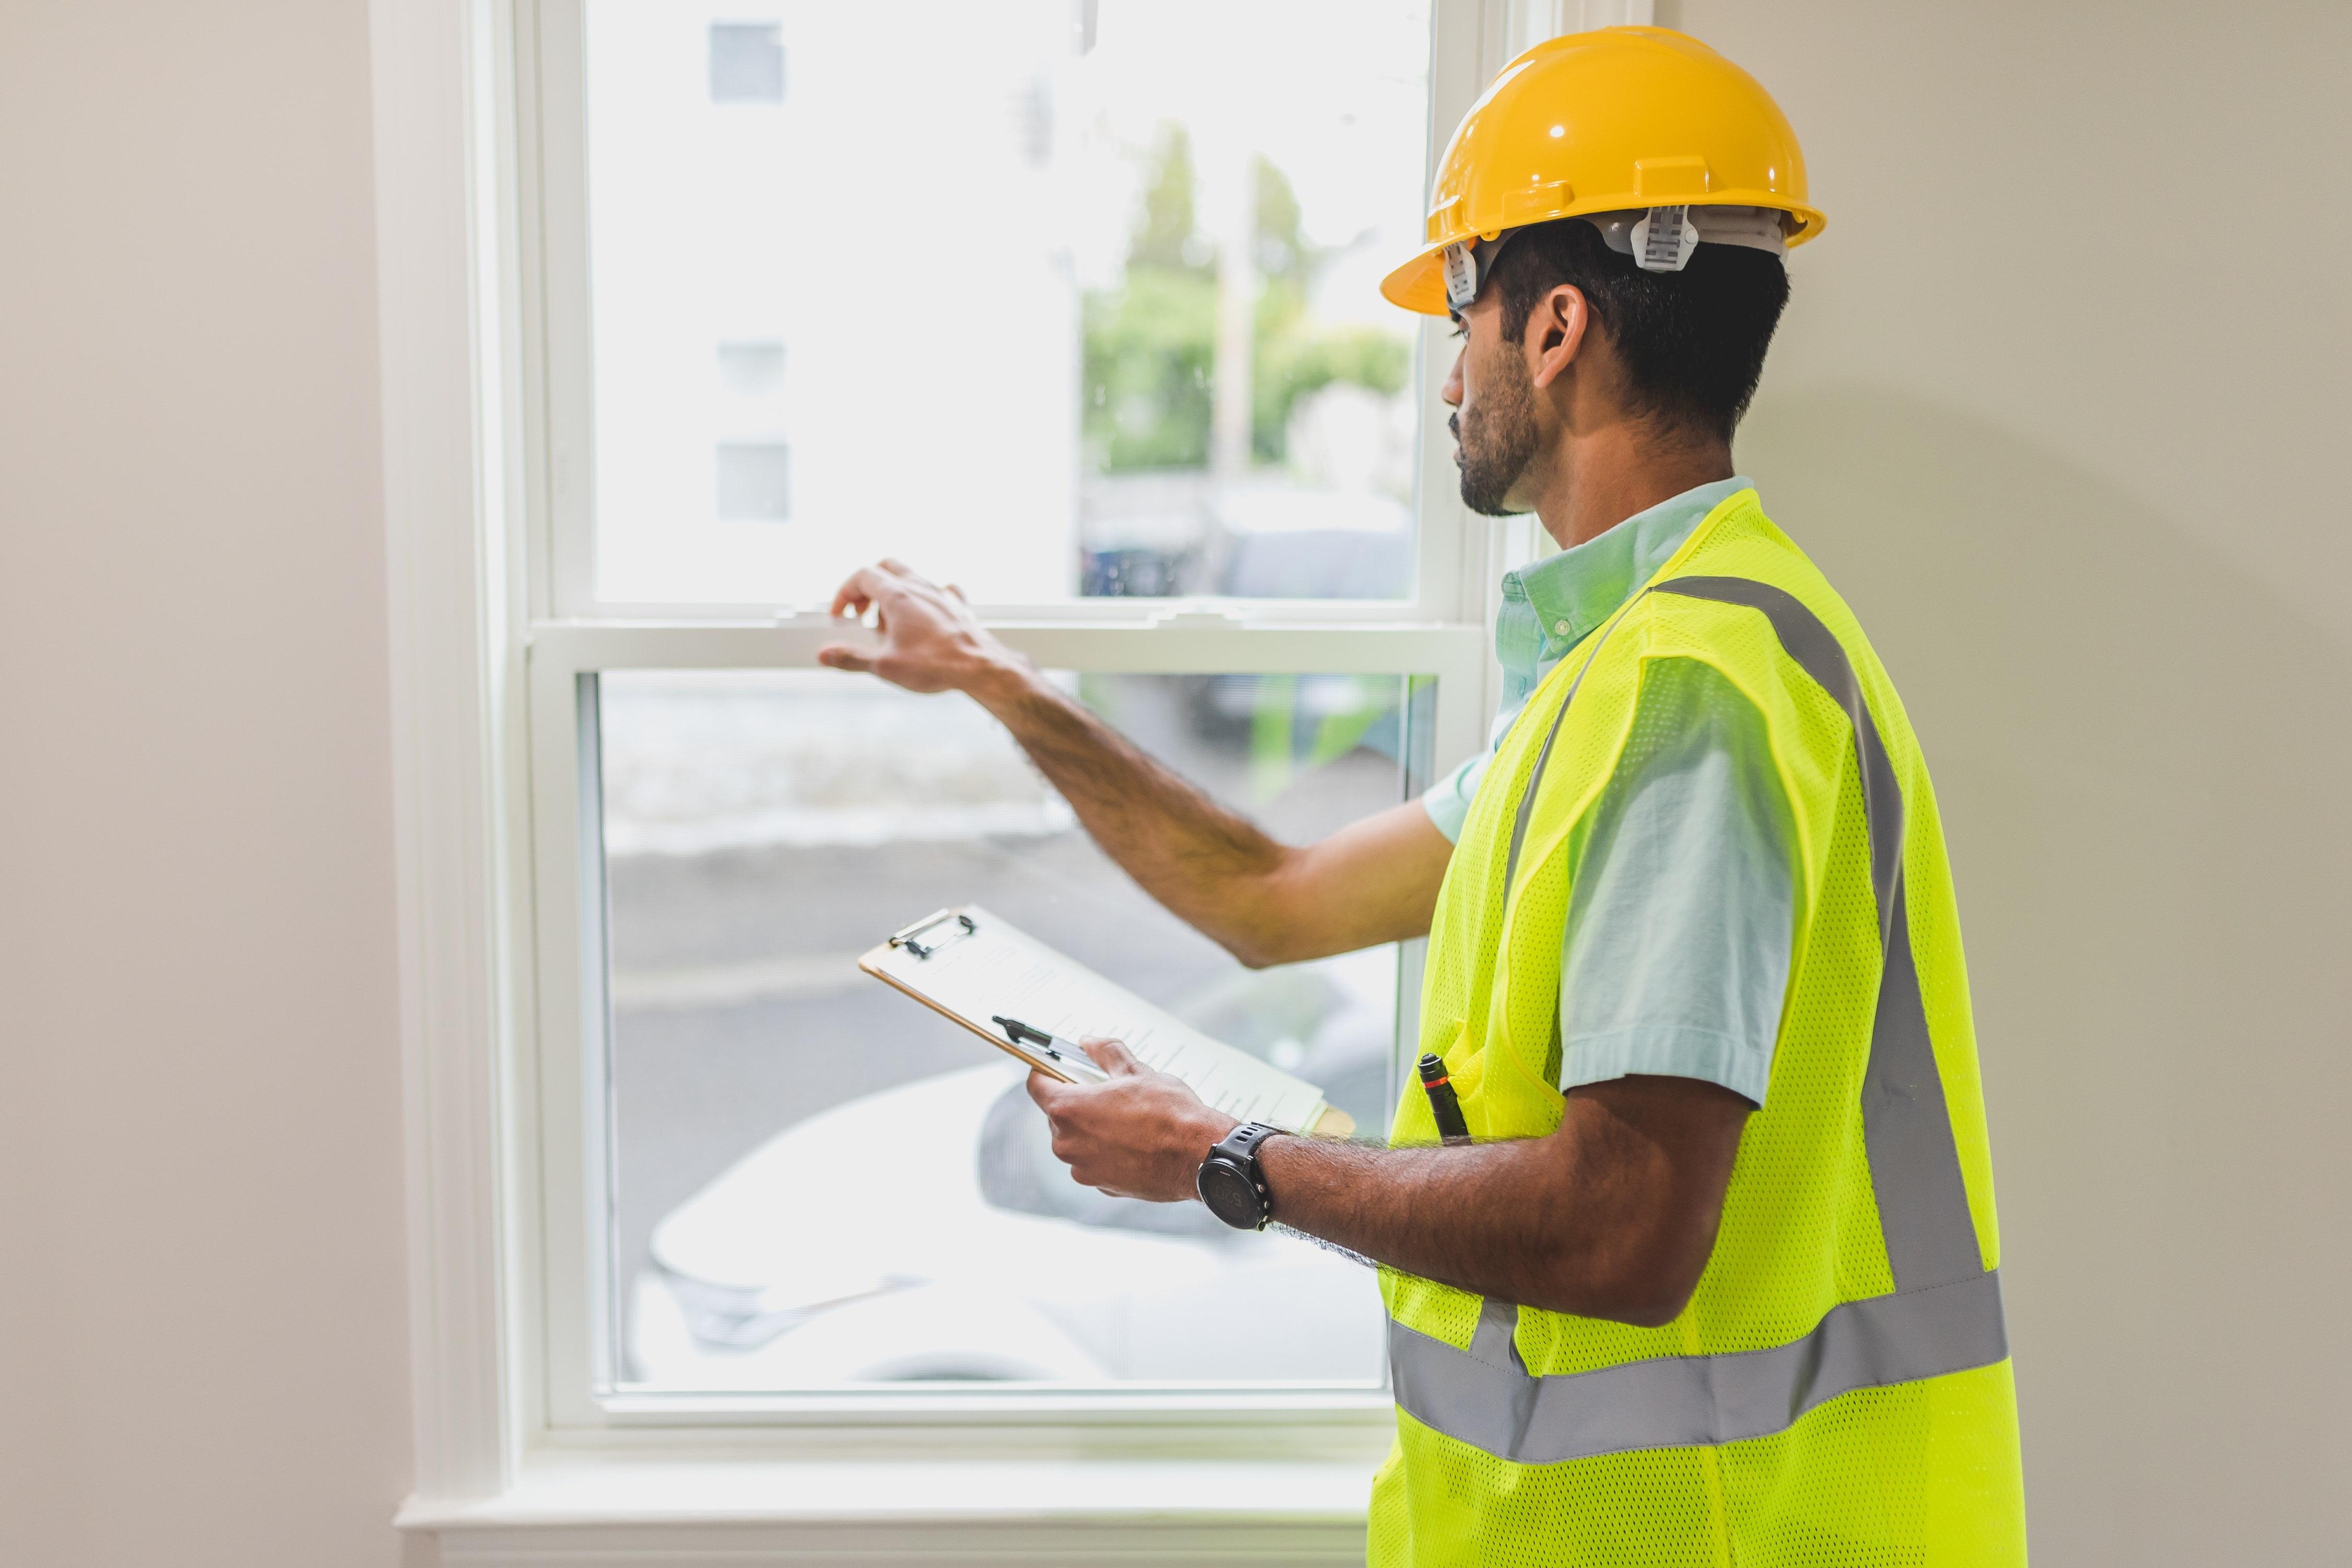 Energy advisor examines window